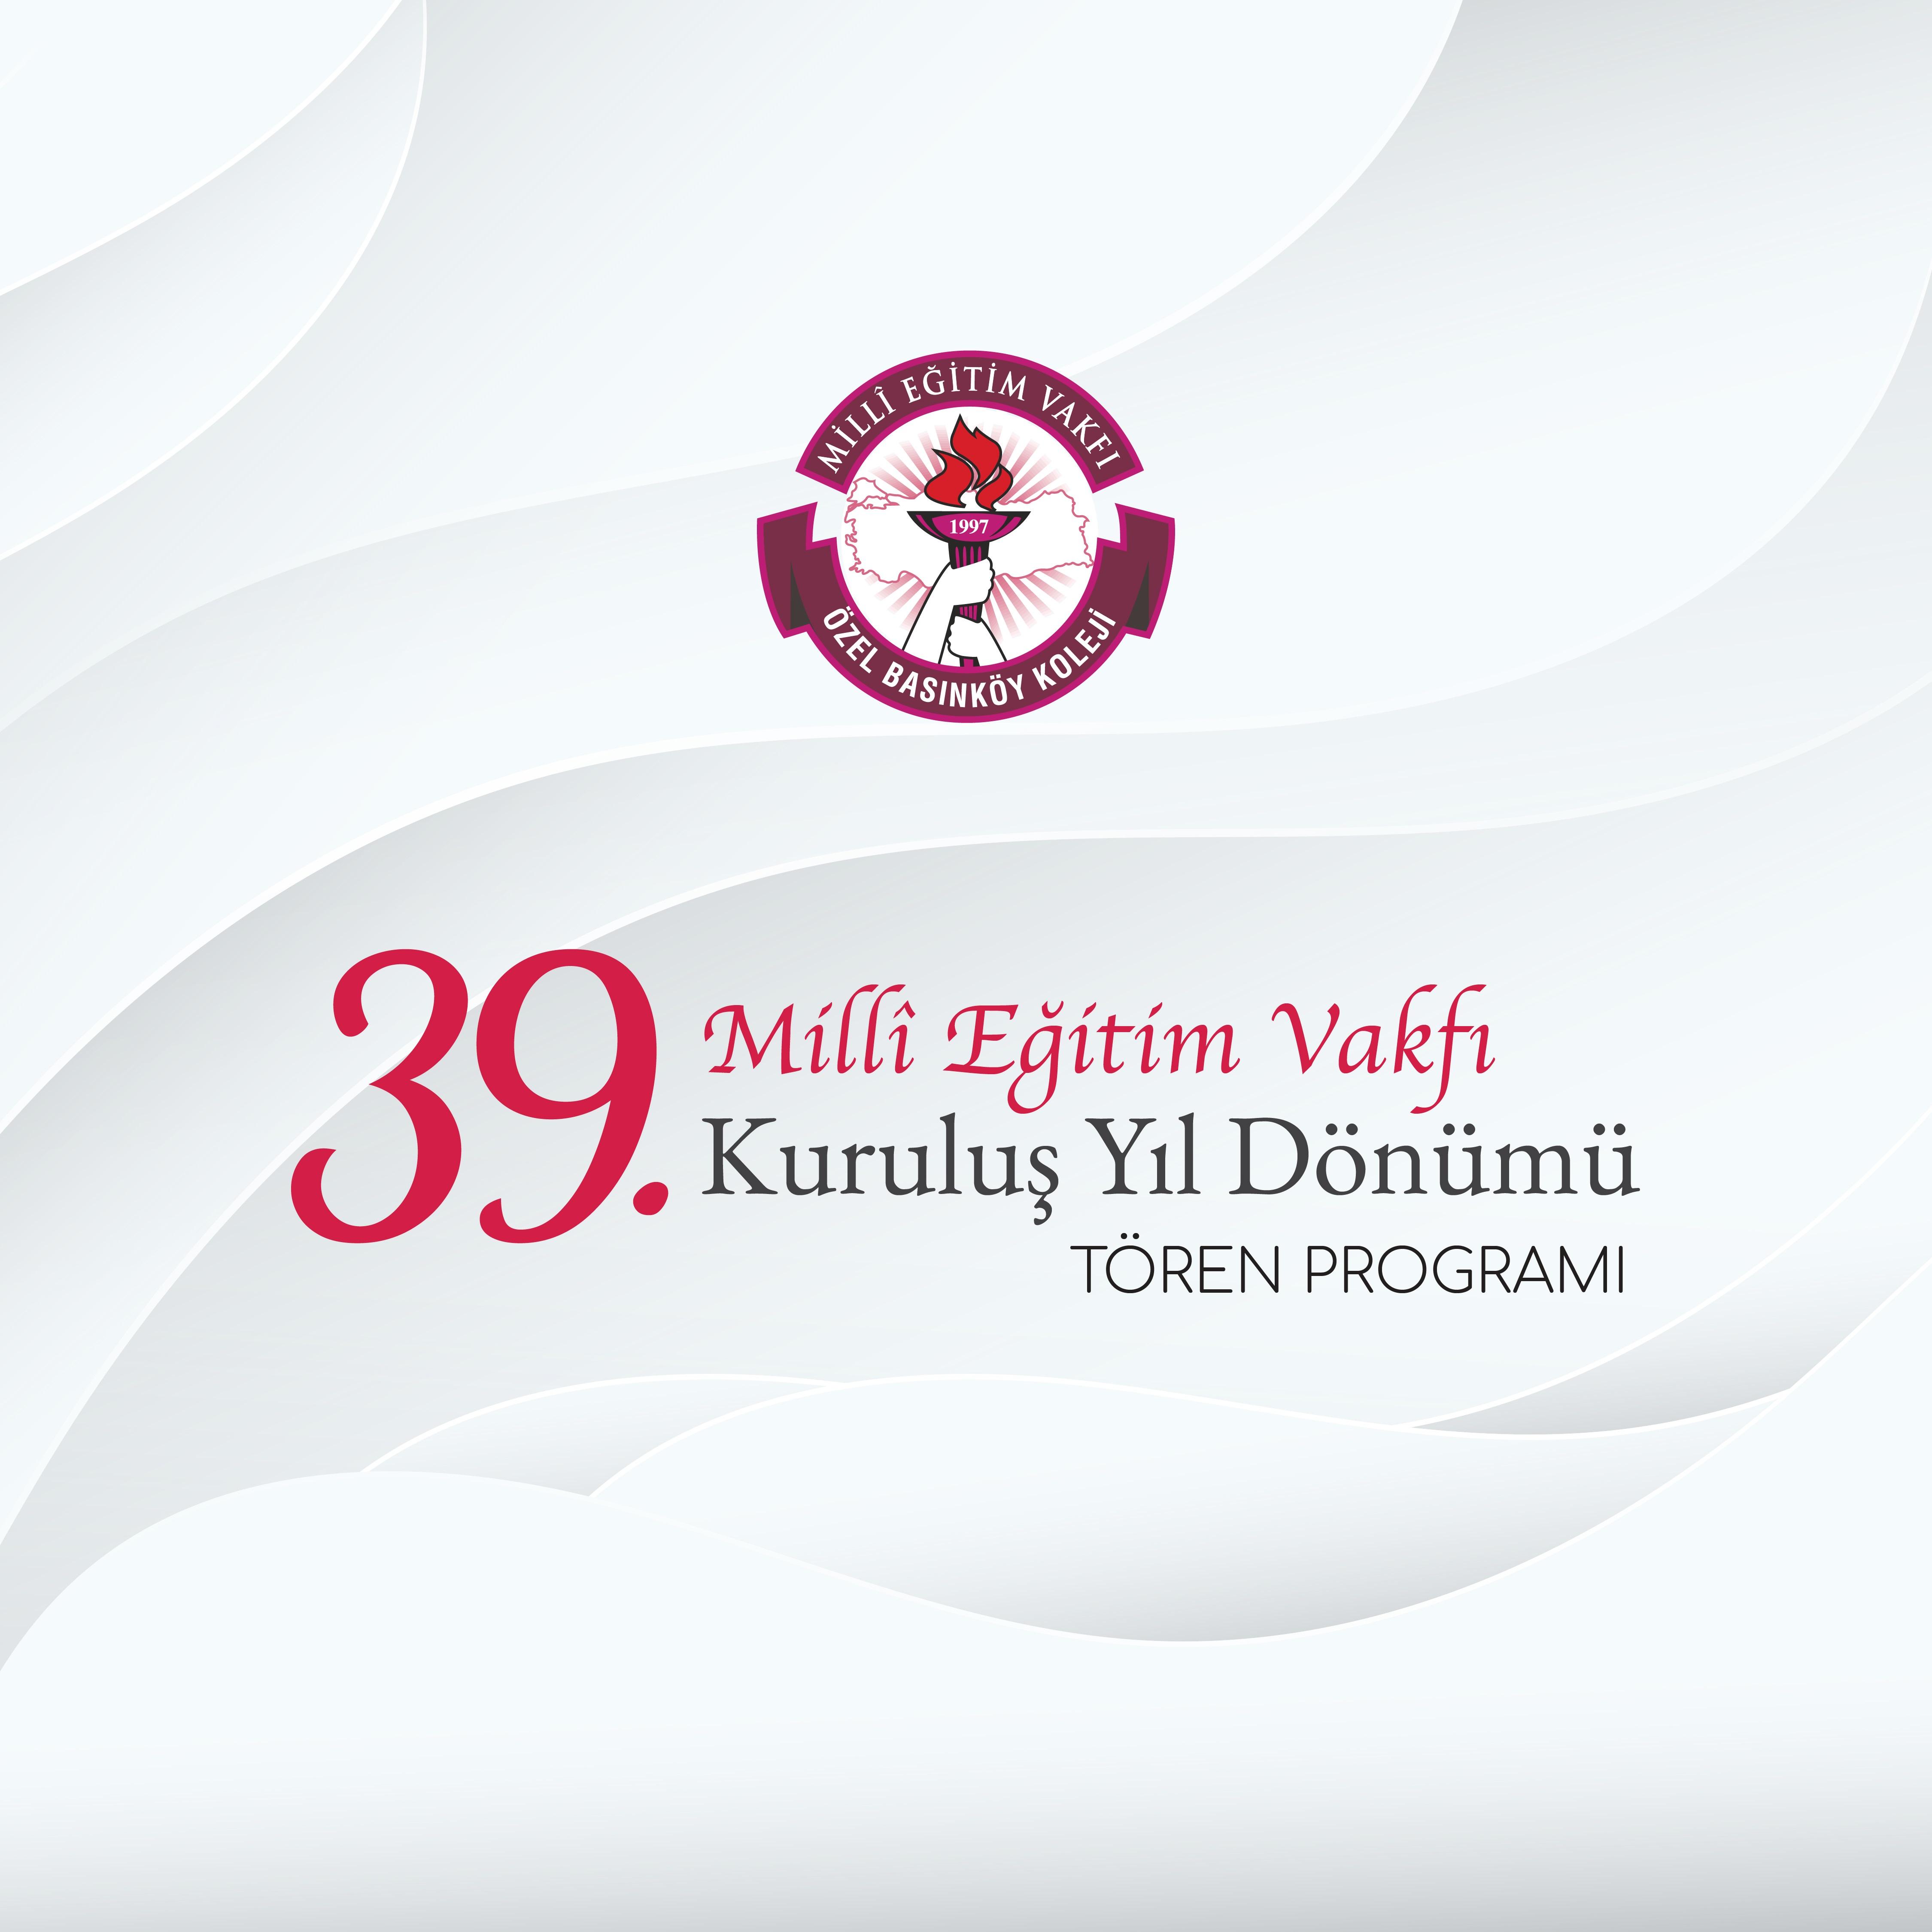 Millî Eğitim Vakfımızın Kuruluş Yıl Dönümü Tören Programı